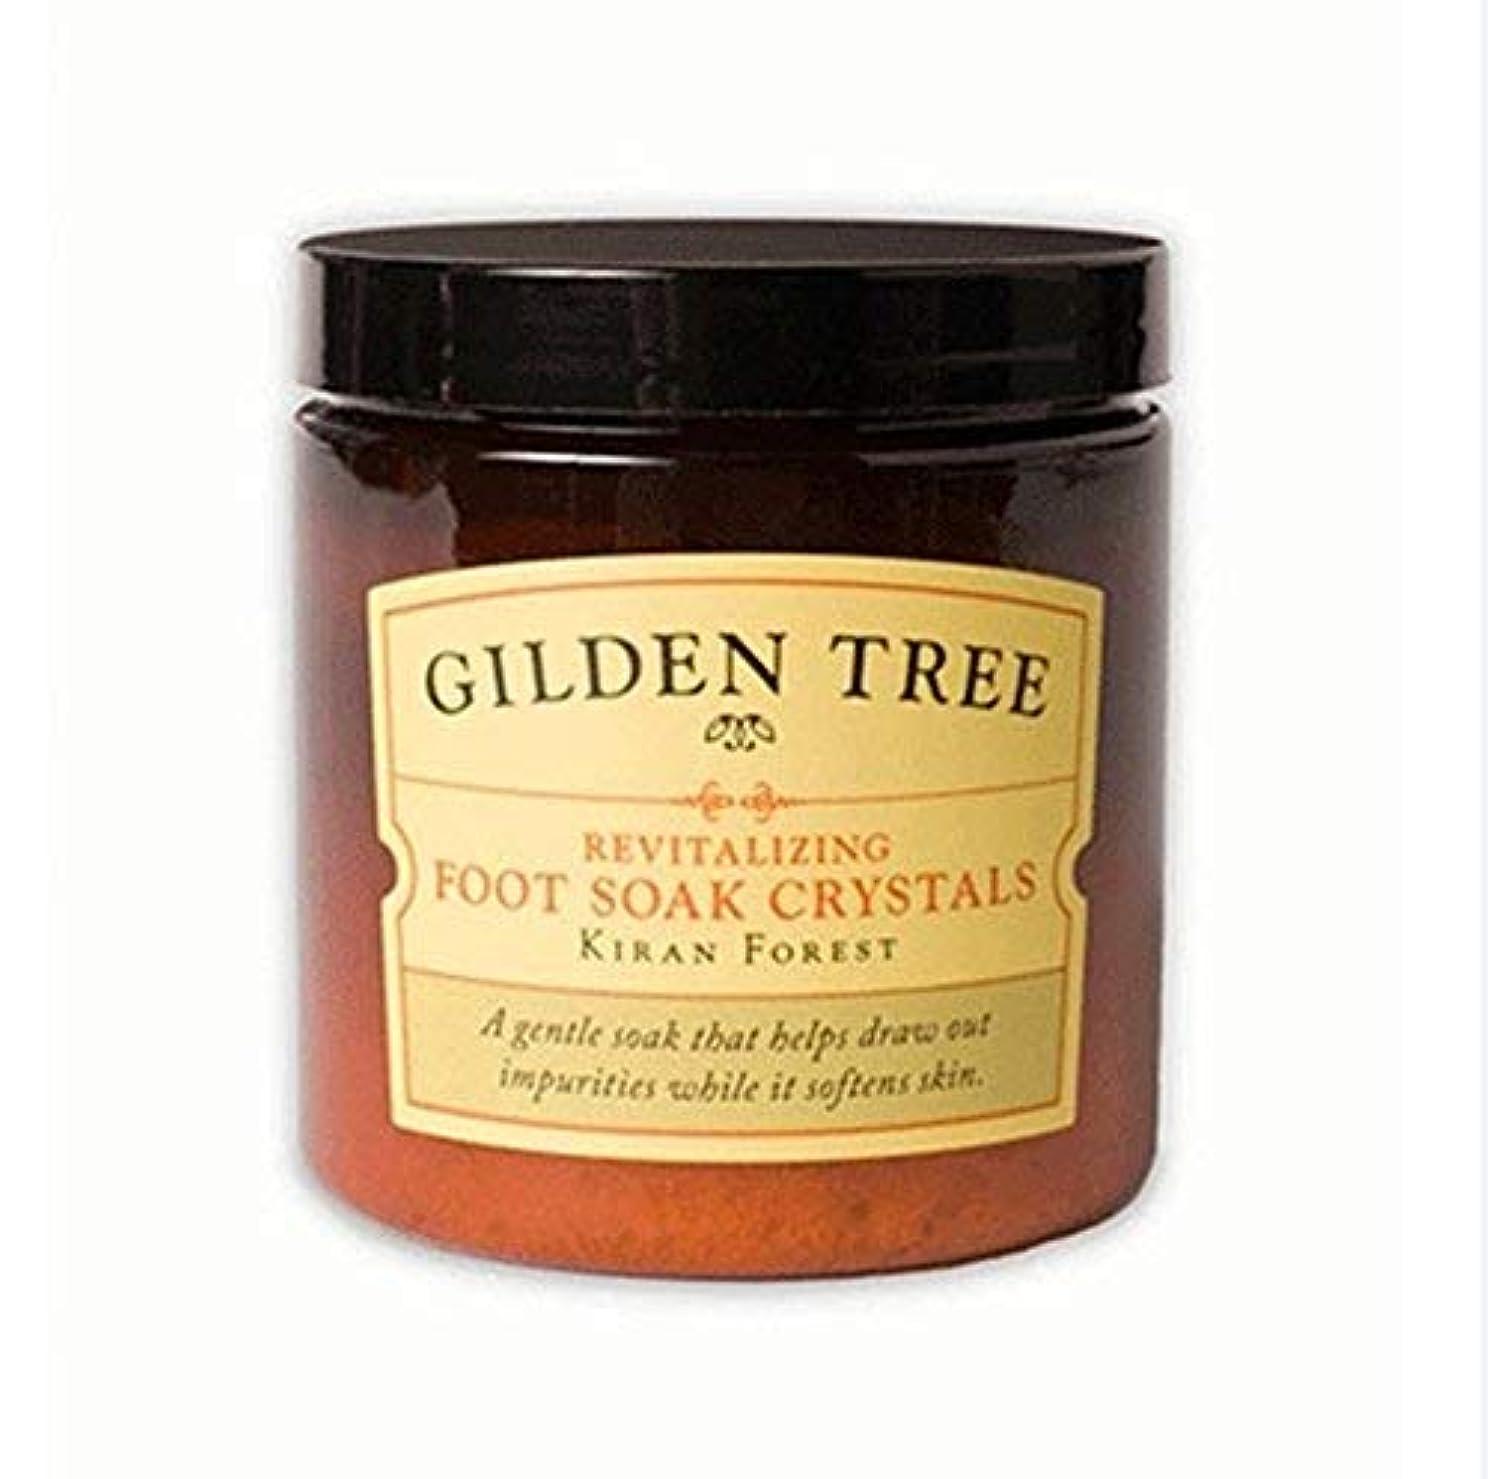 アサートスナックスキムGilden Tree Revitalizing Foot Soak Crystals 8 oz. [並行輸入品]